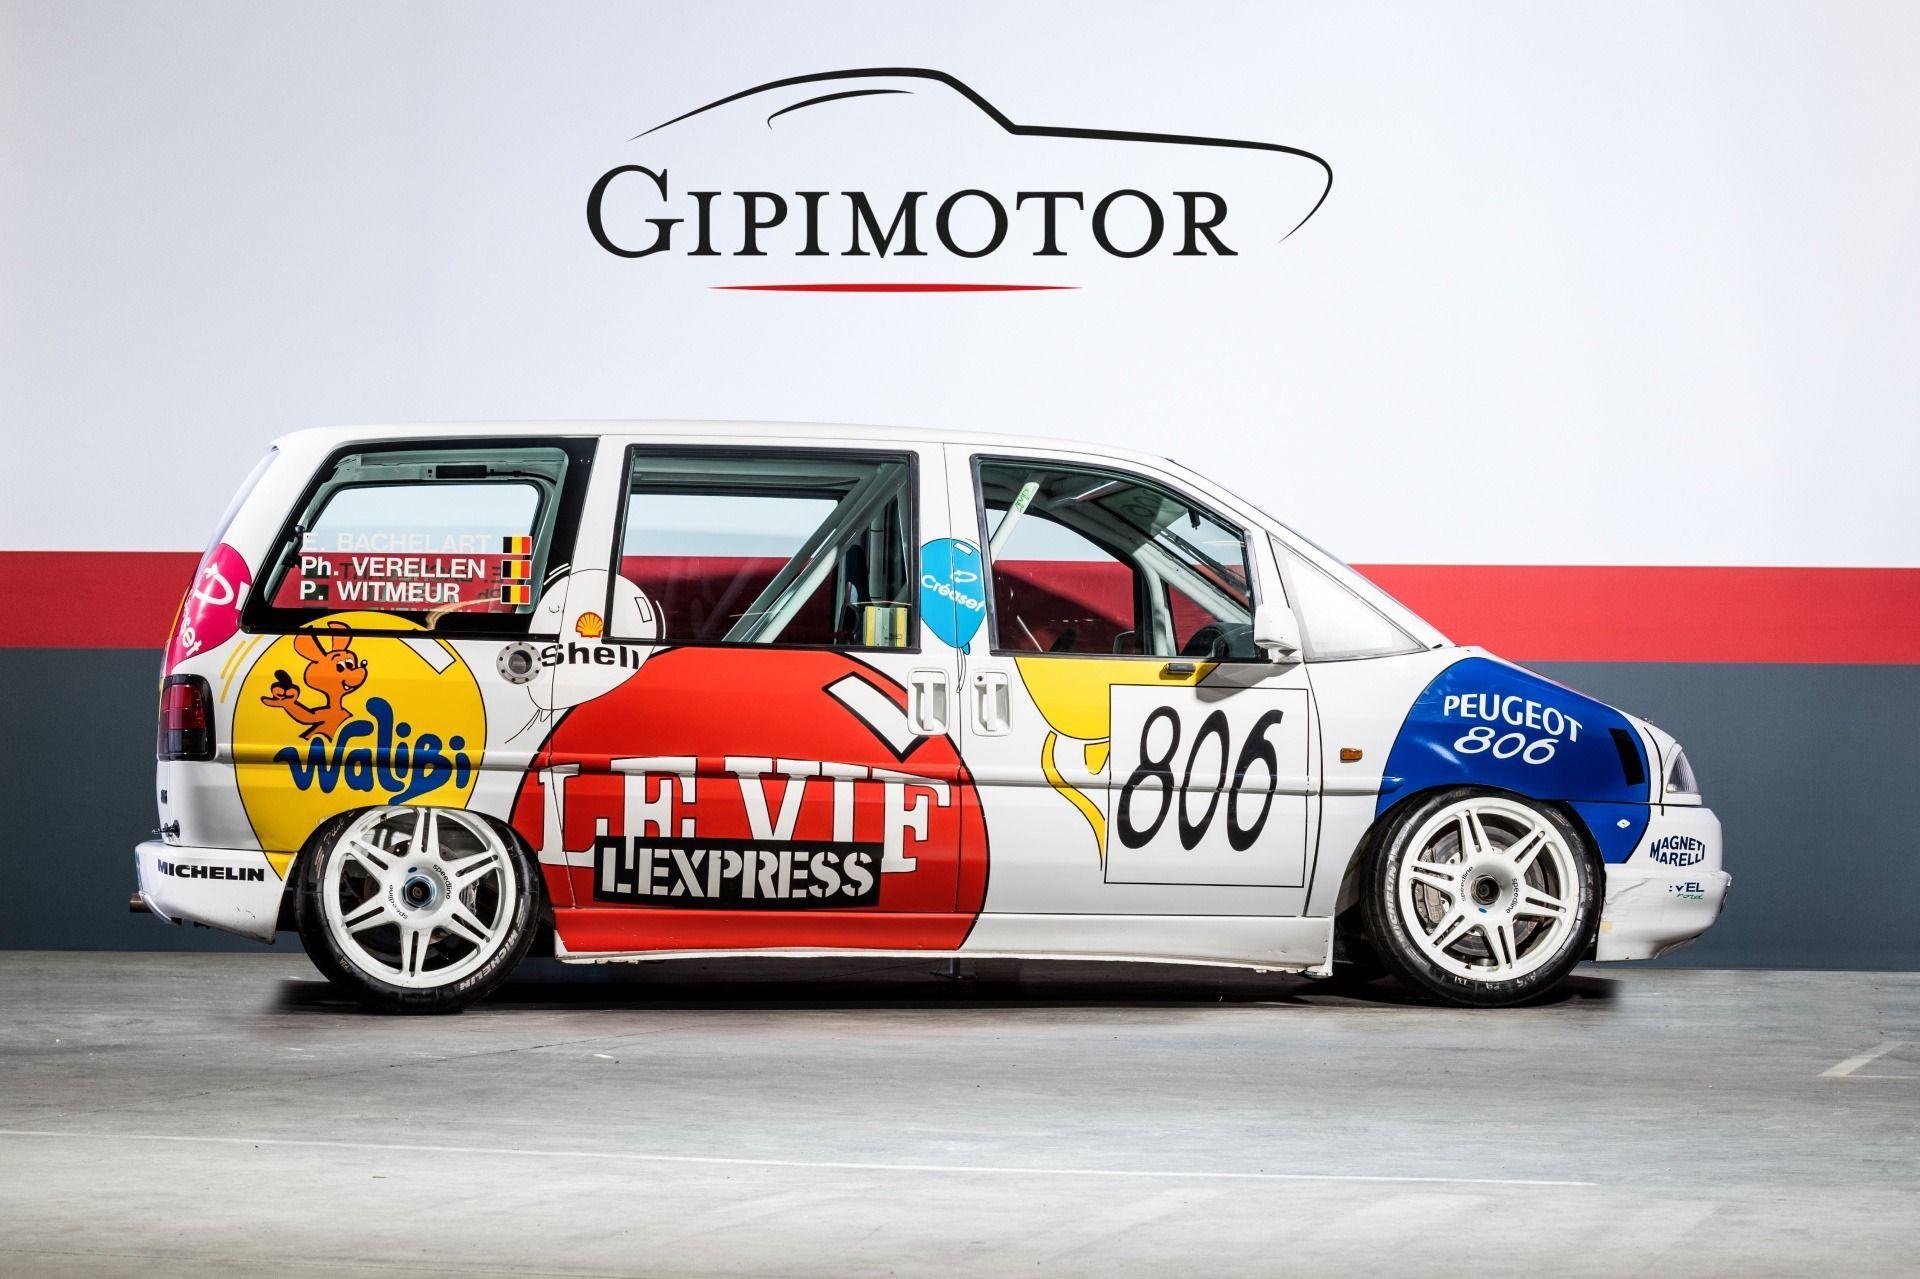 1995_Peugeot_806_ProCar_0006